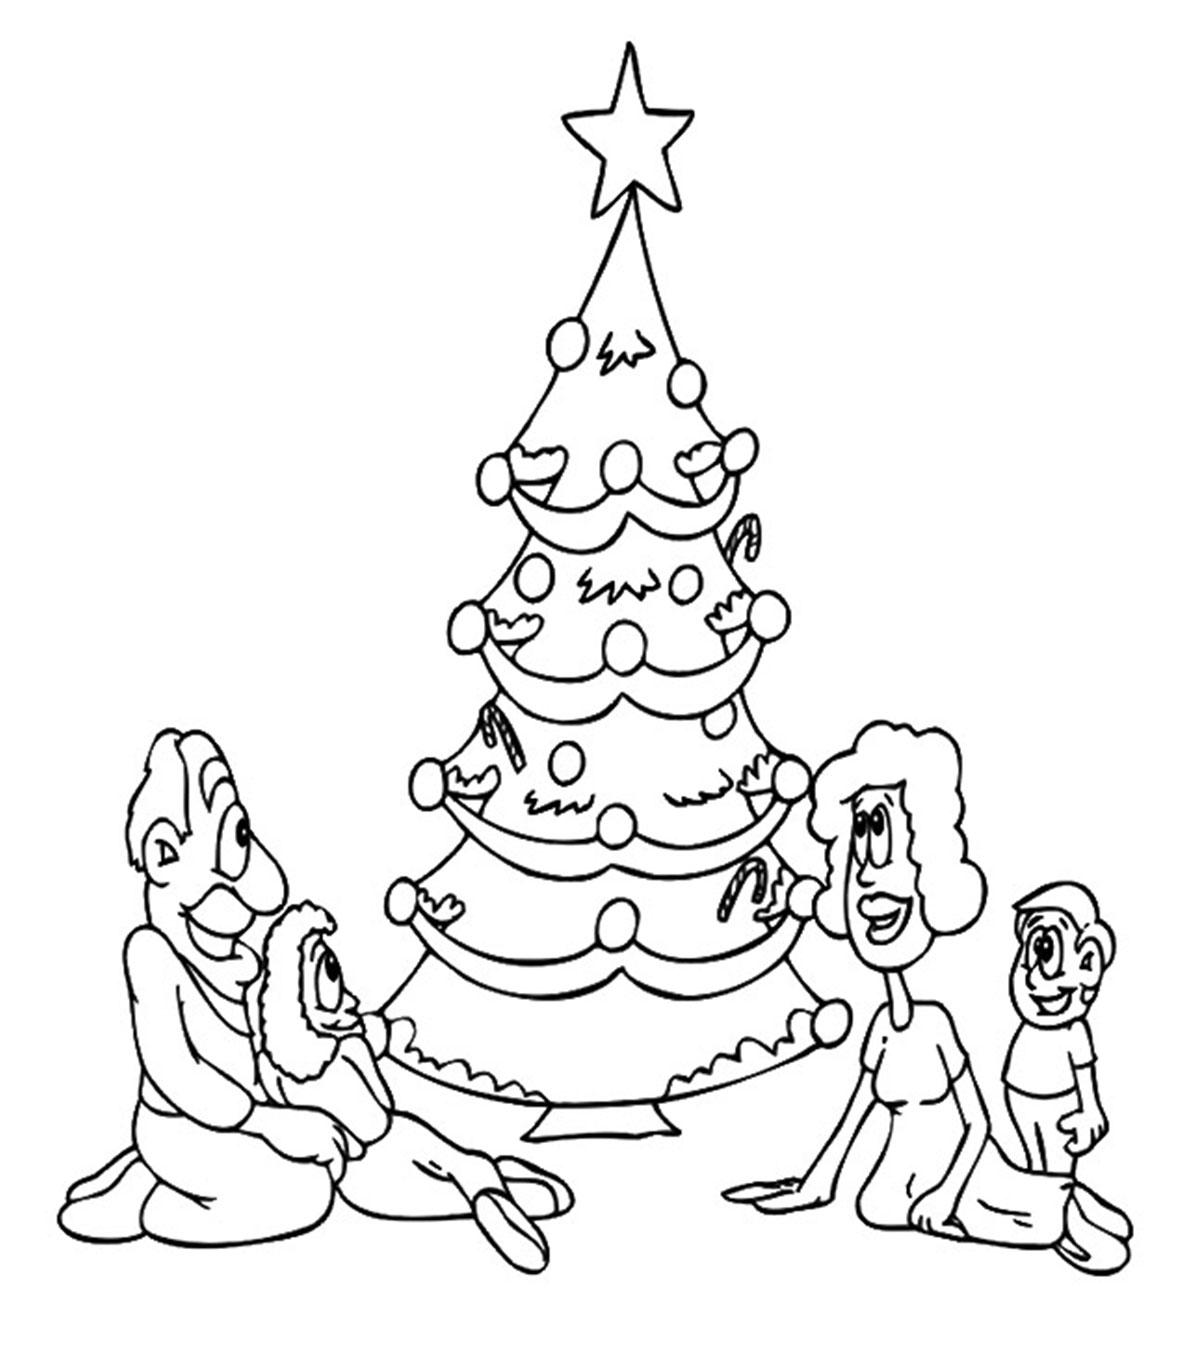 christmas tree coloring page printable christmas tree coloring pages for kids cool2bkids coloring tree christmas page